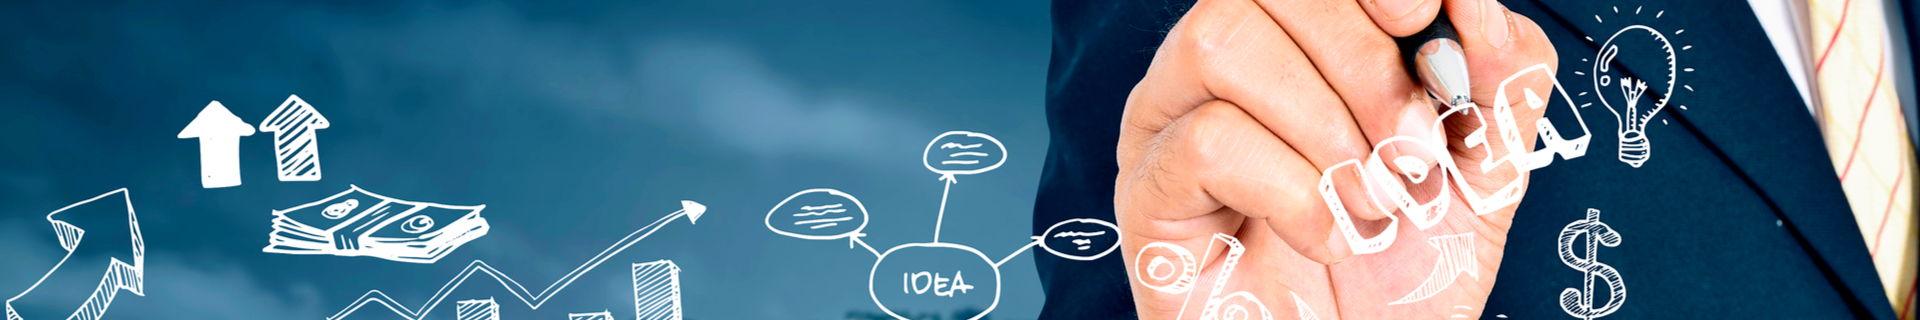 content-projectmanagement